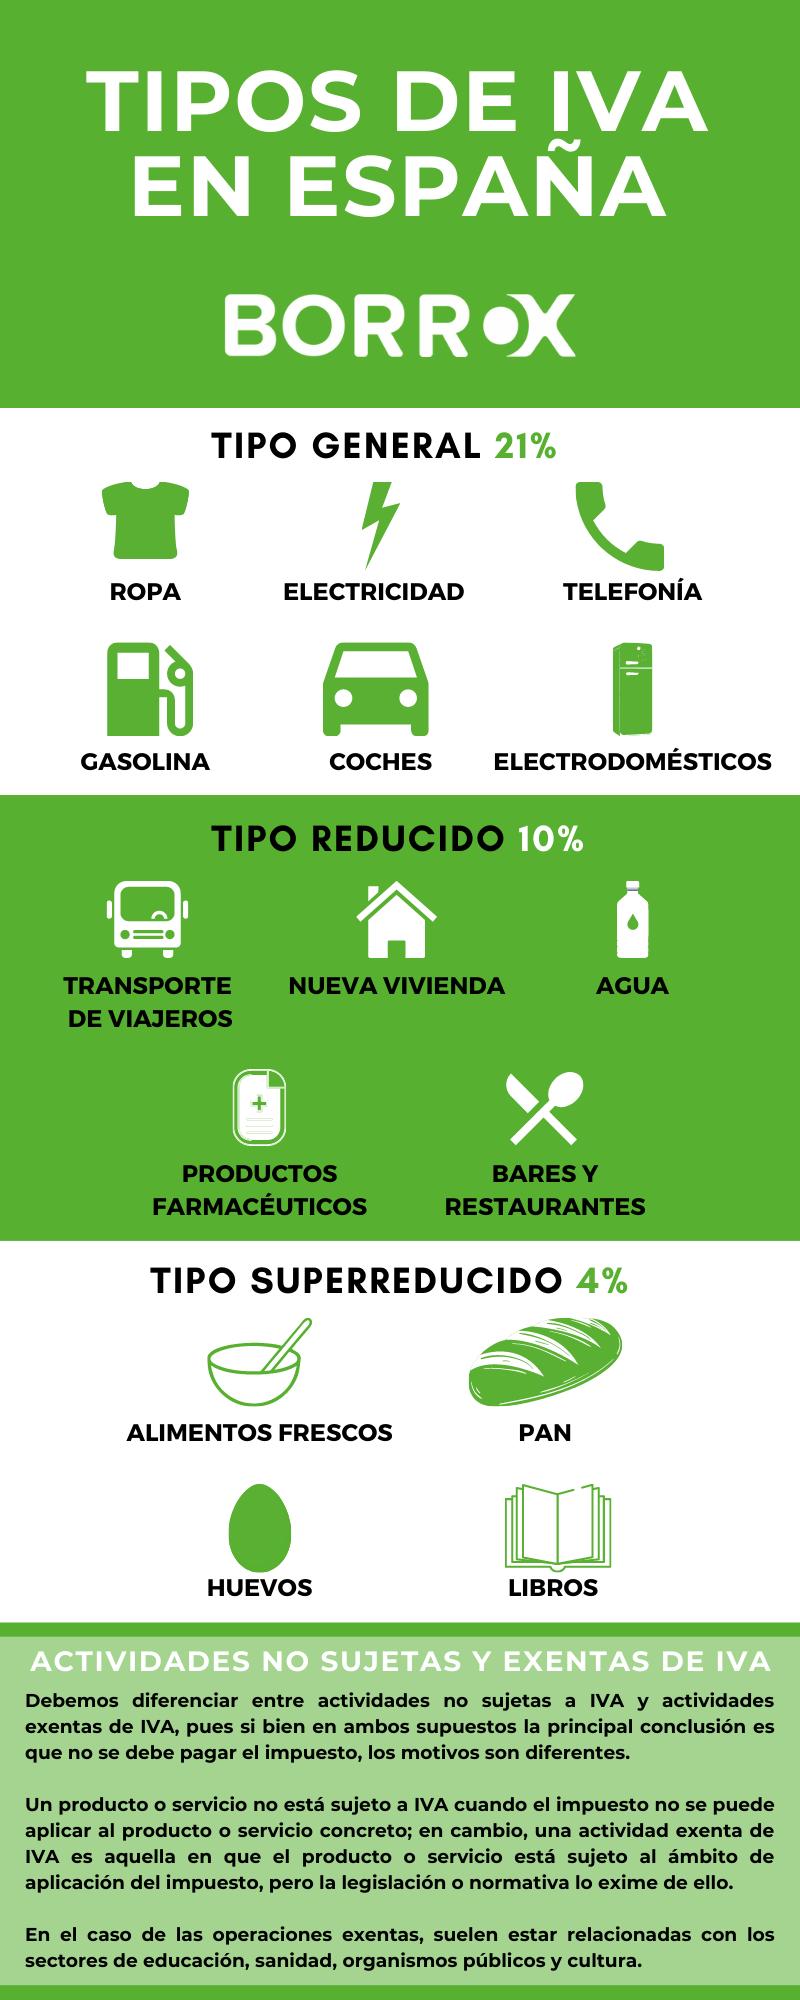 Tipos de IVA en España y actividades exentas y no sujetas a este impuesto.